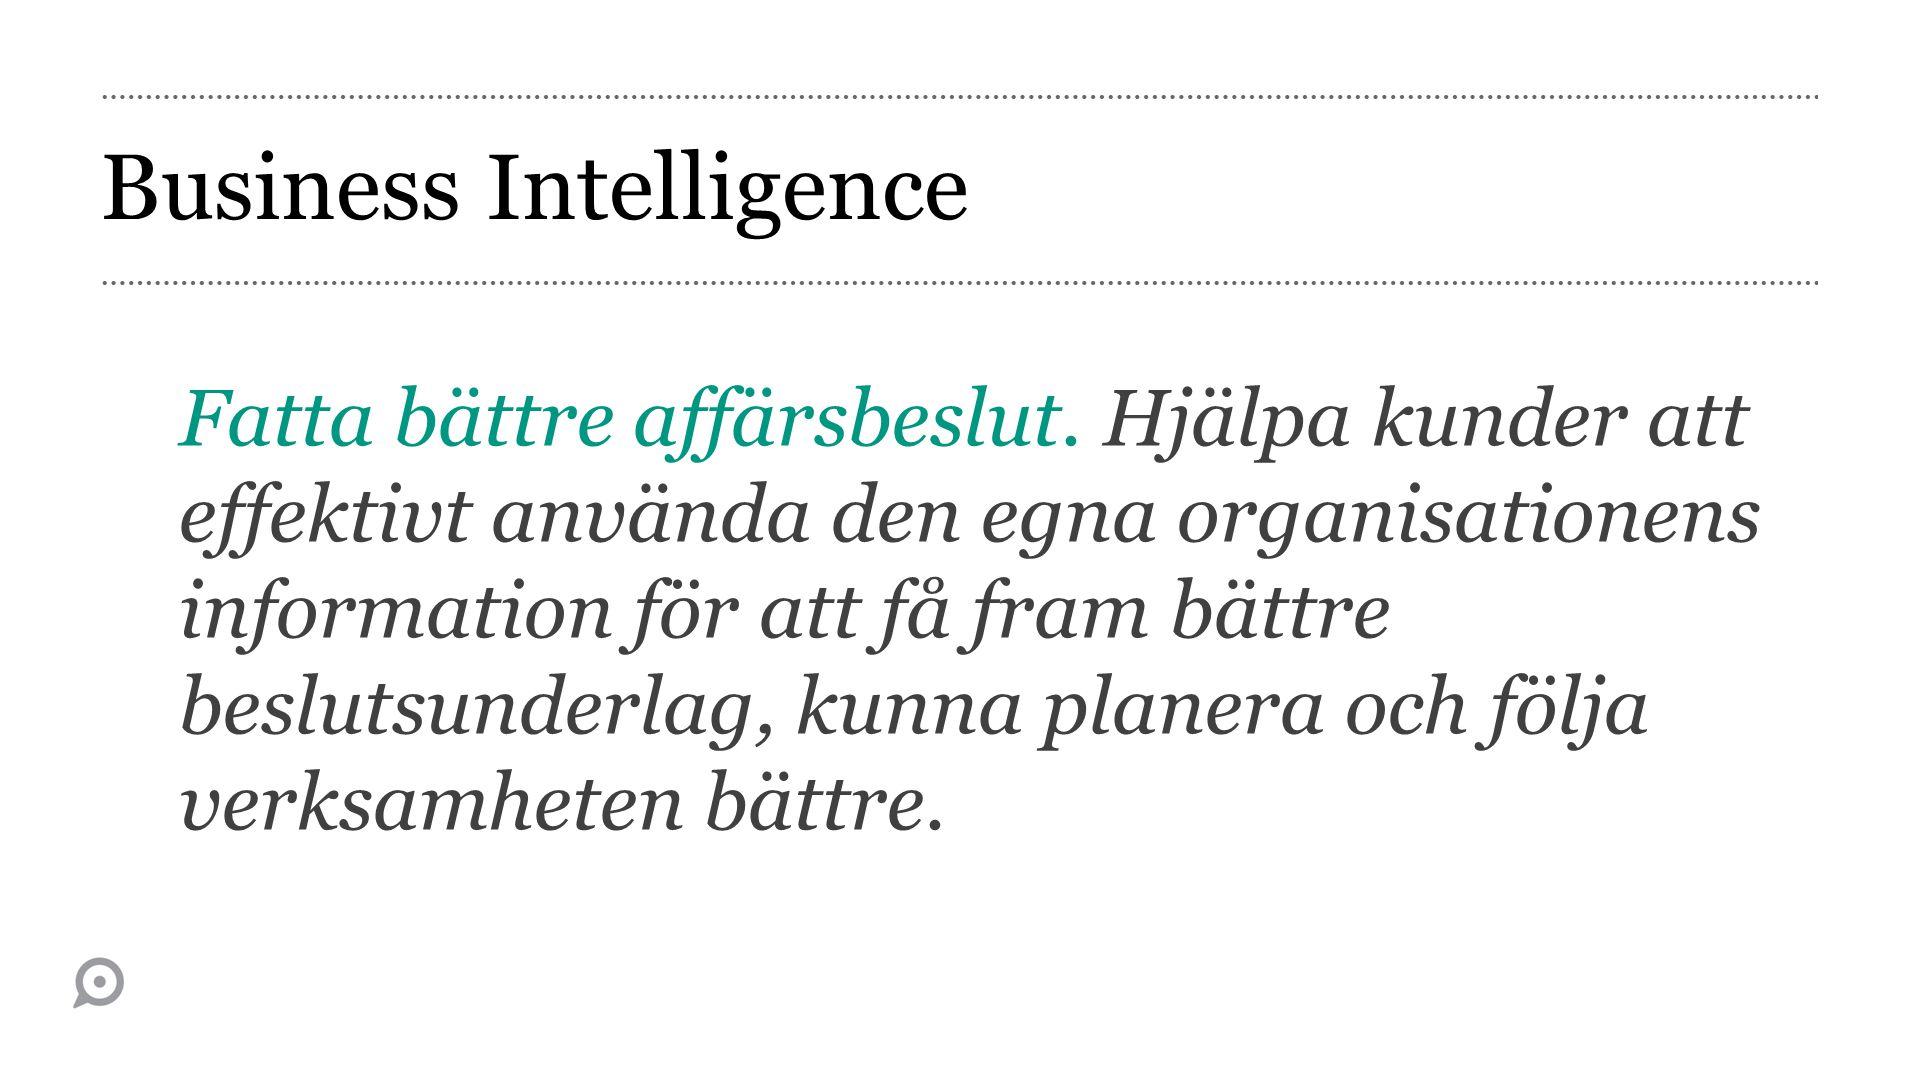 Business Intelligence Fatta bättre affärsbeslut. Hjälpa kunder att effektivt använda den egna organisationens information för att få fram bättre beslu